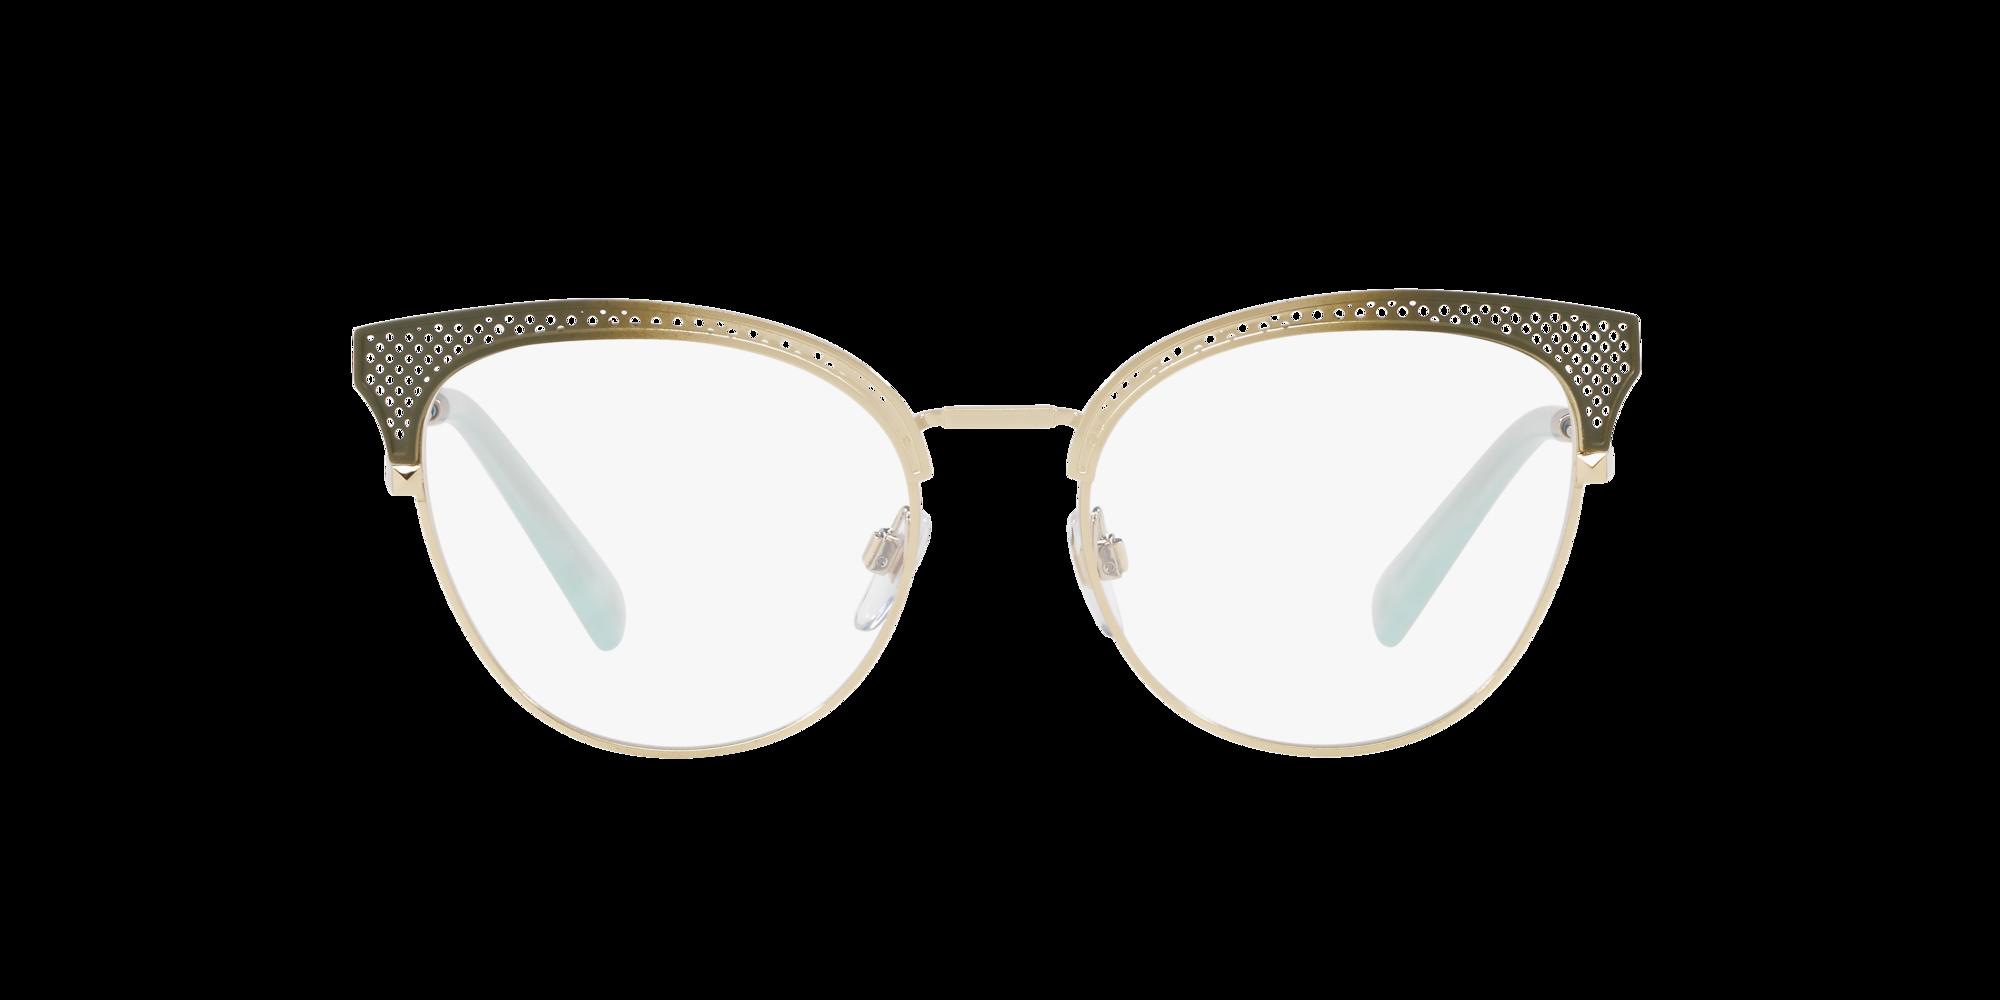 Imagen para VA1011 de LensCrafters |  Espejuelos, espejuelos graduados en línea, gafas